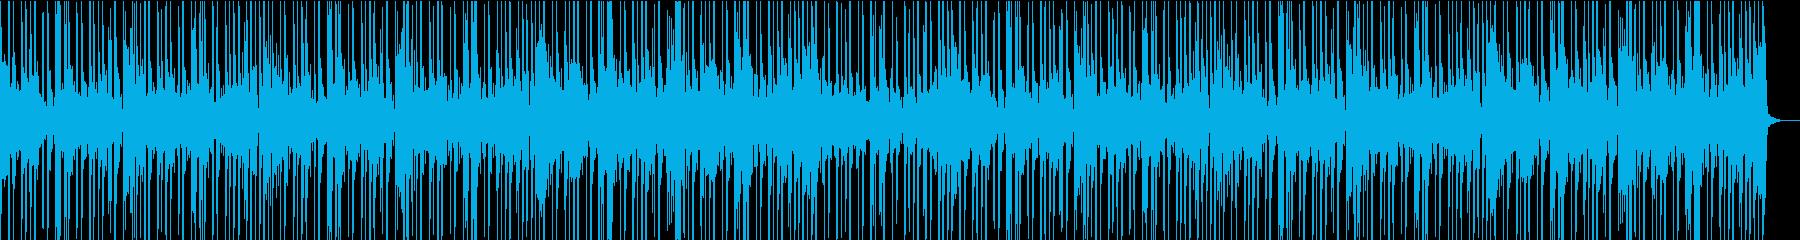 中華、和風、リズミカル、HIPHOPの再生済みの波形